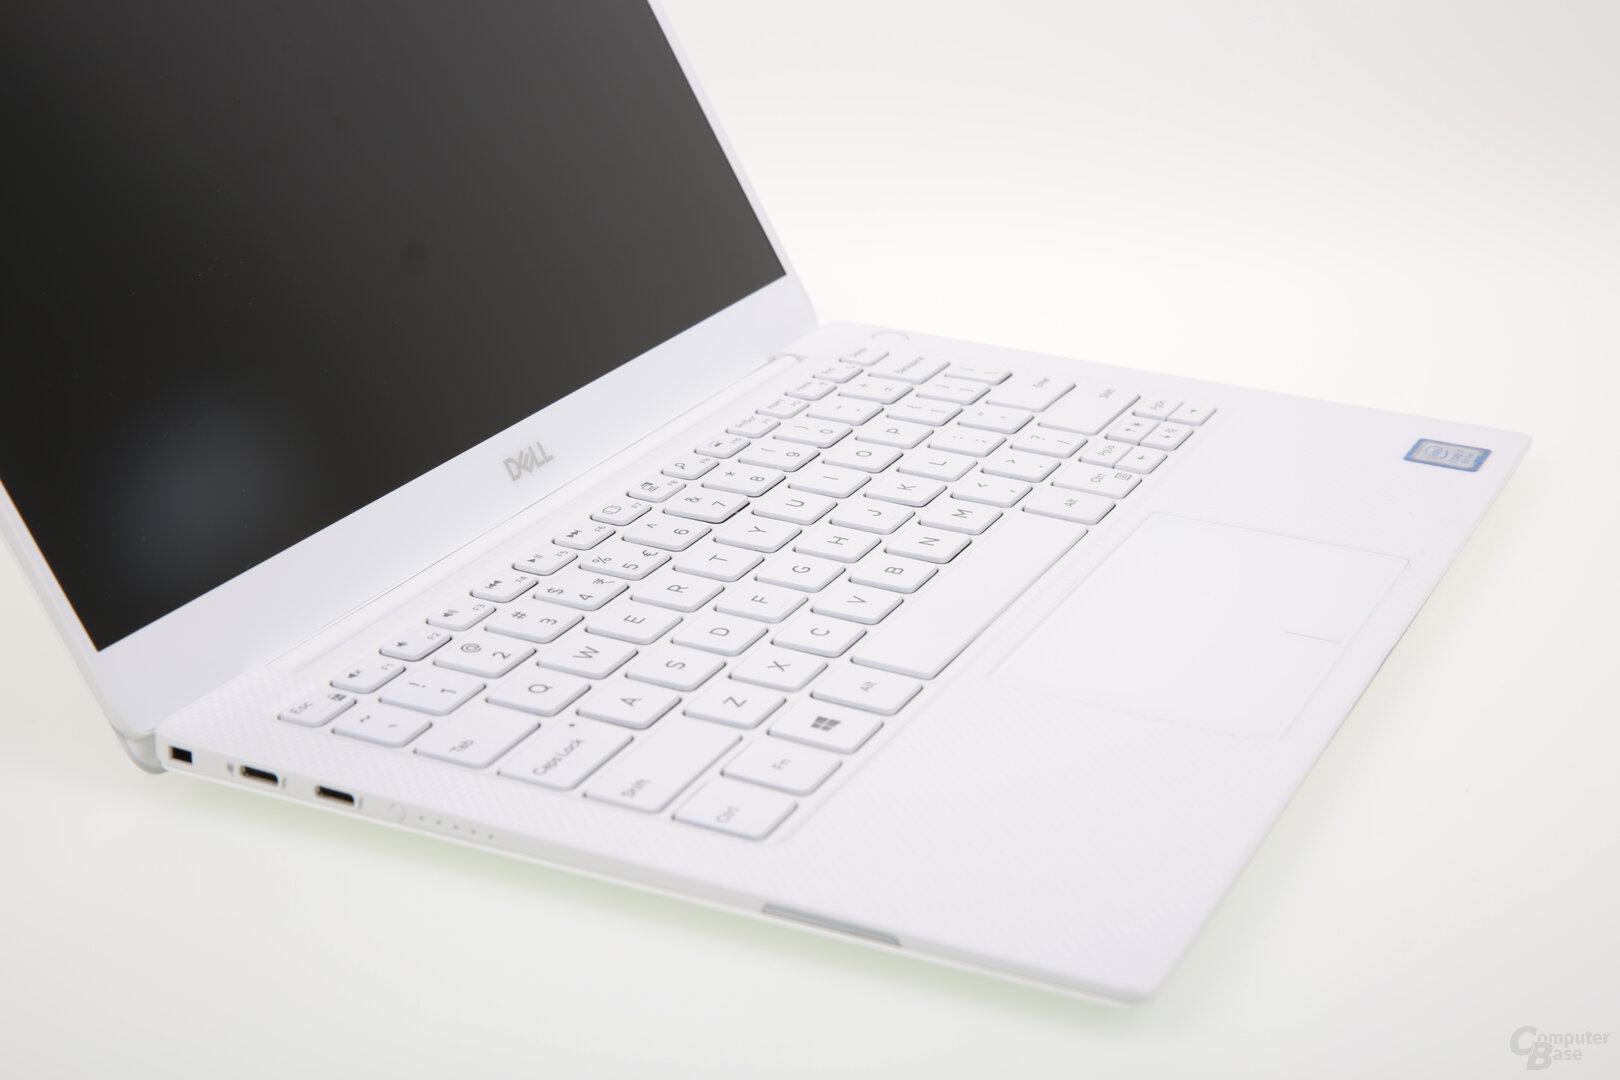 Auch das Touchpad ist das gleiche wie beim 9370